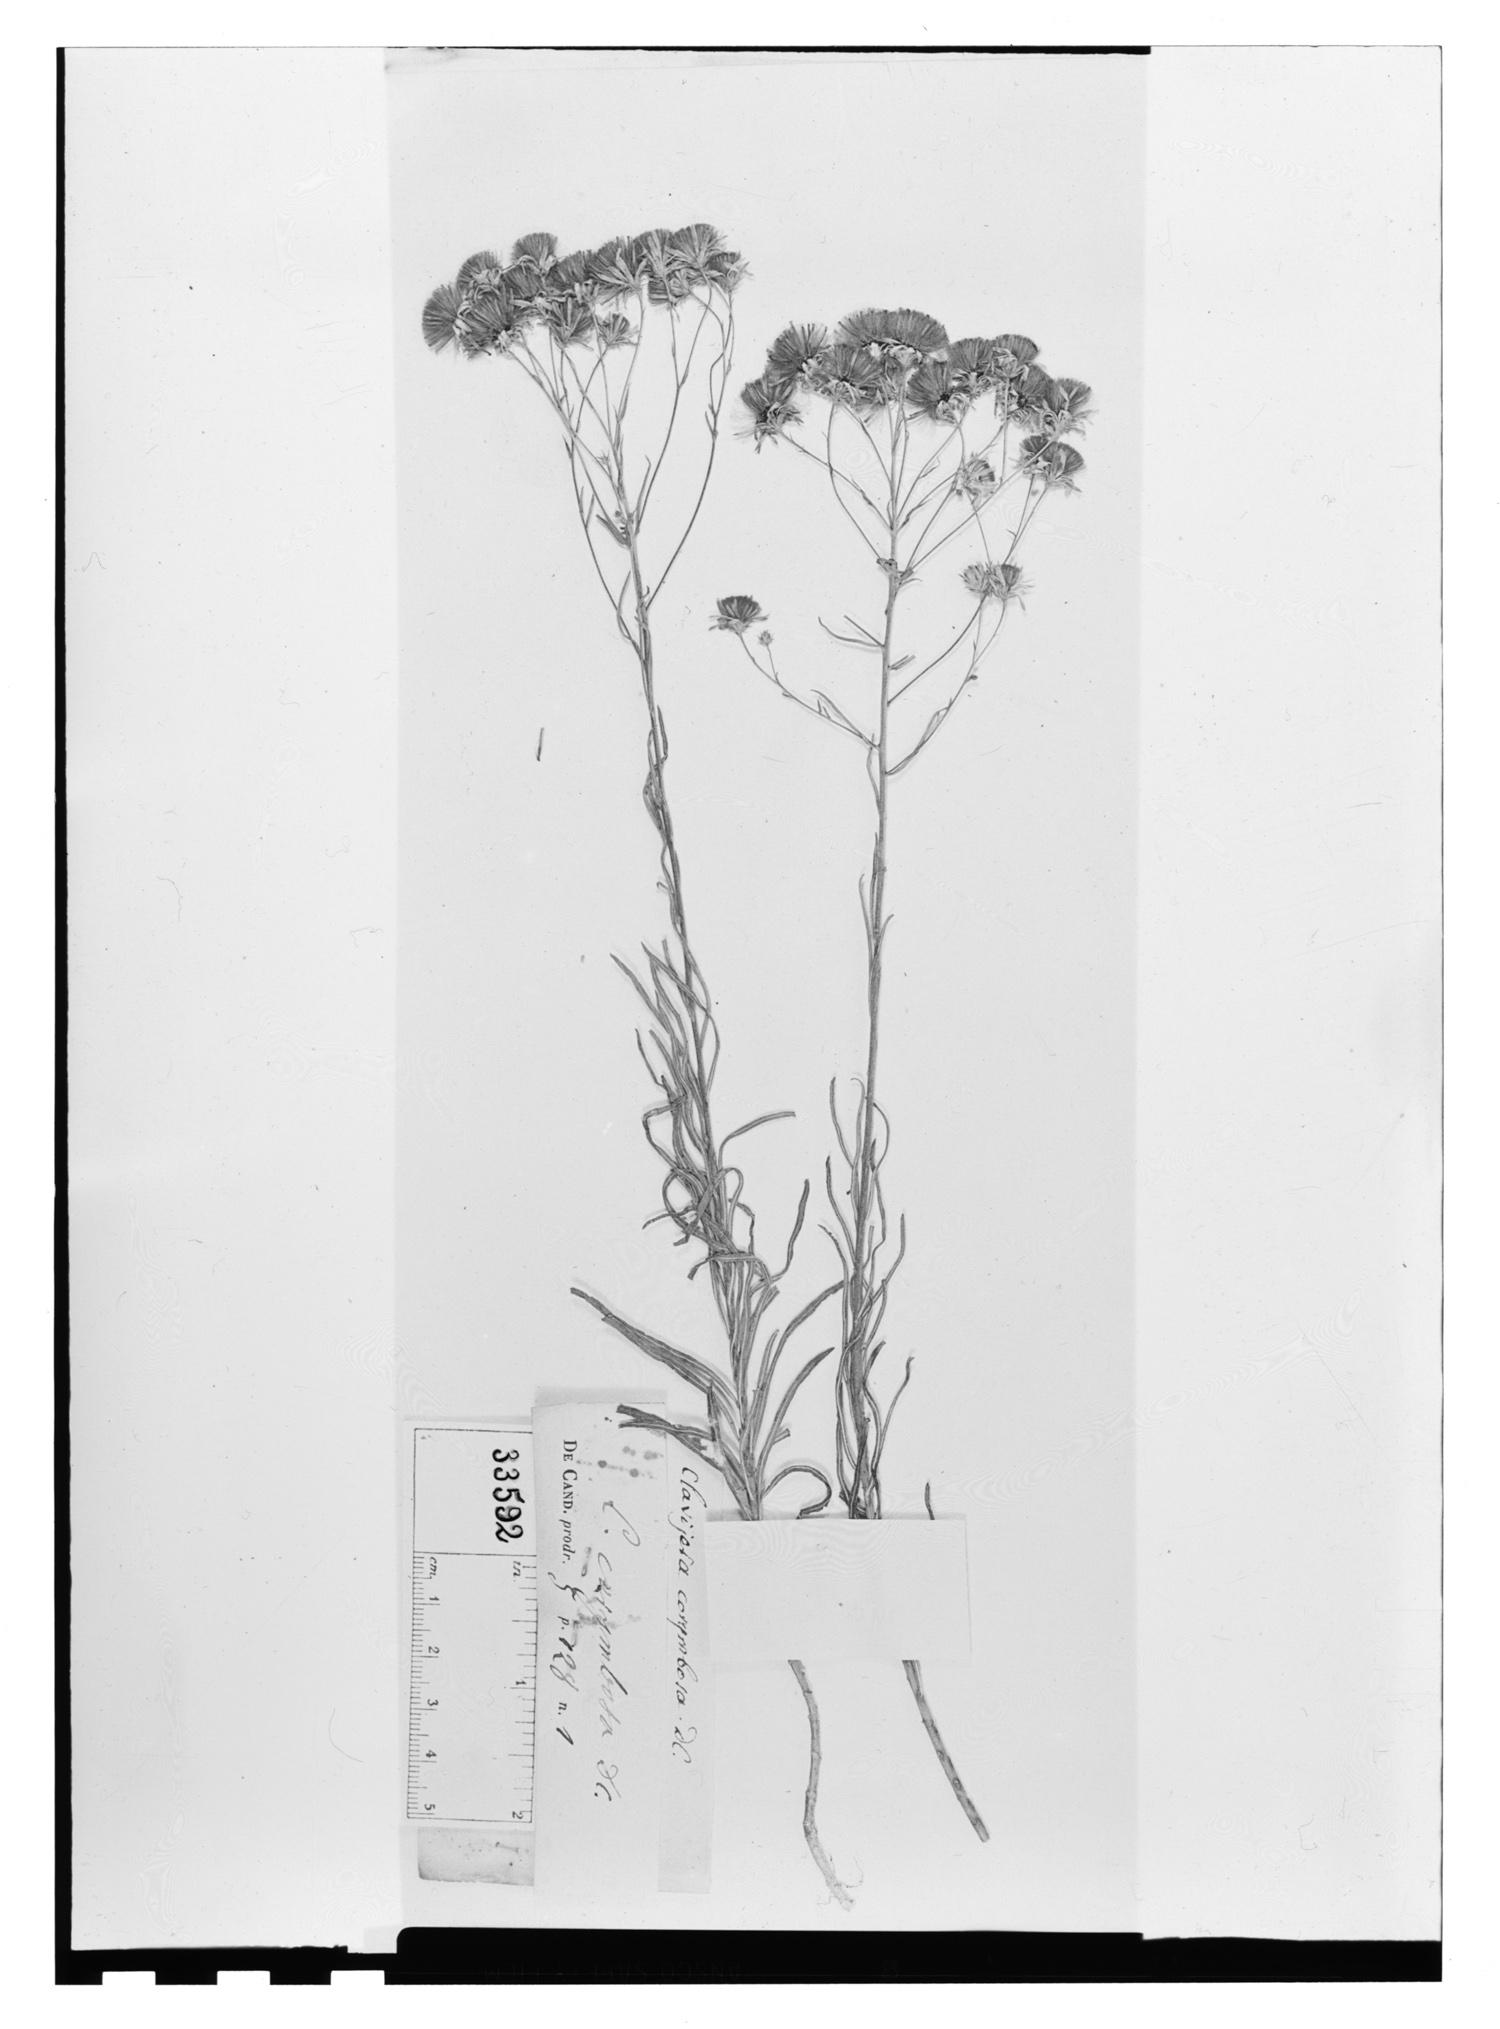 Brickellia corymbosa image